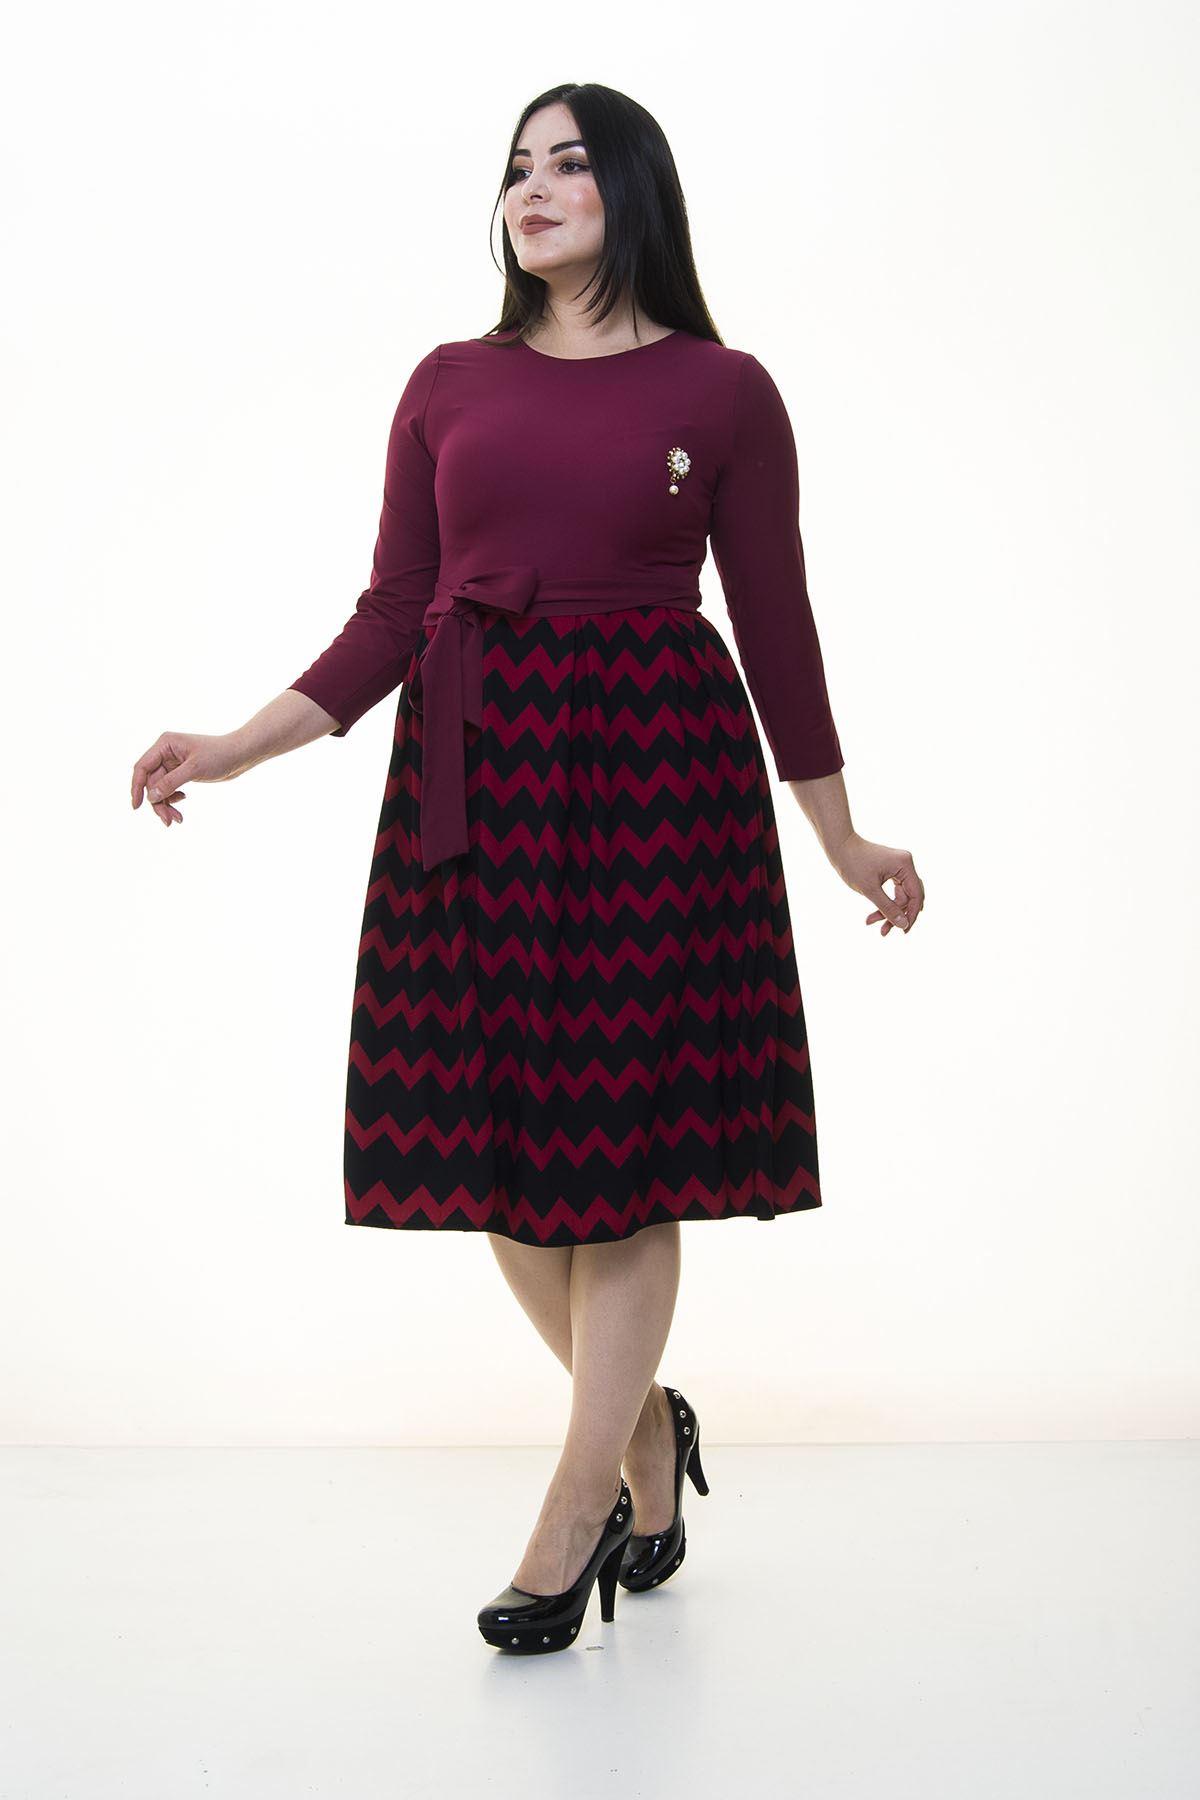 Zigzag Desen Eteği Kloş Büyük Beden Elbise 20C-094599